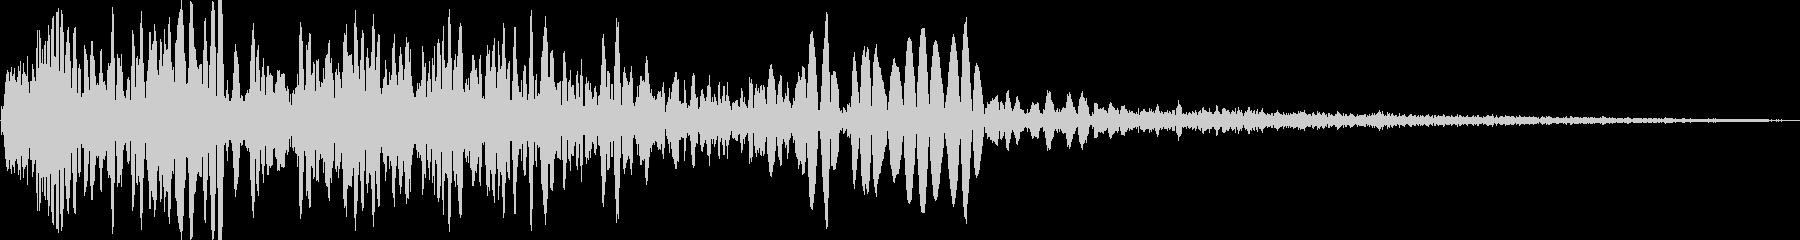 火炎放射器、ショートバーストの未再生の波形